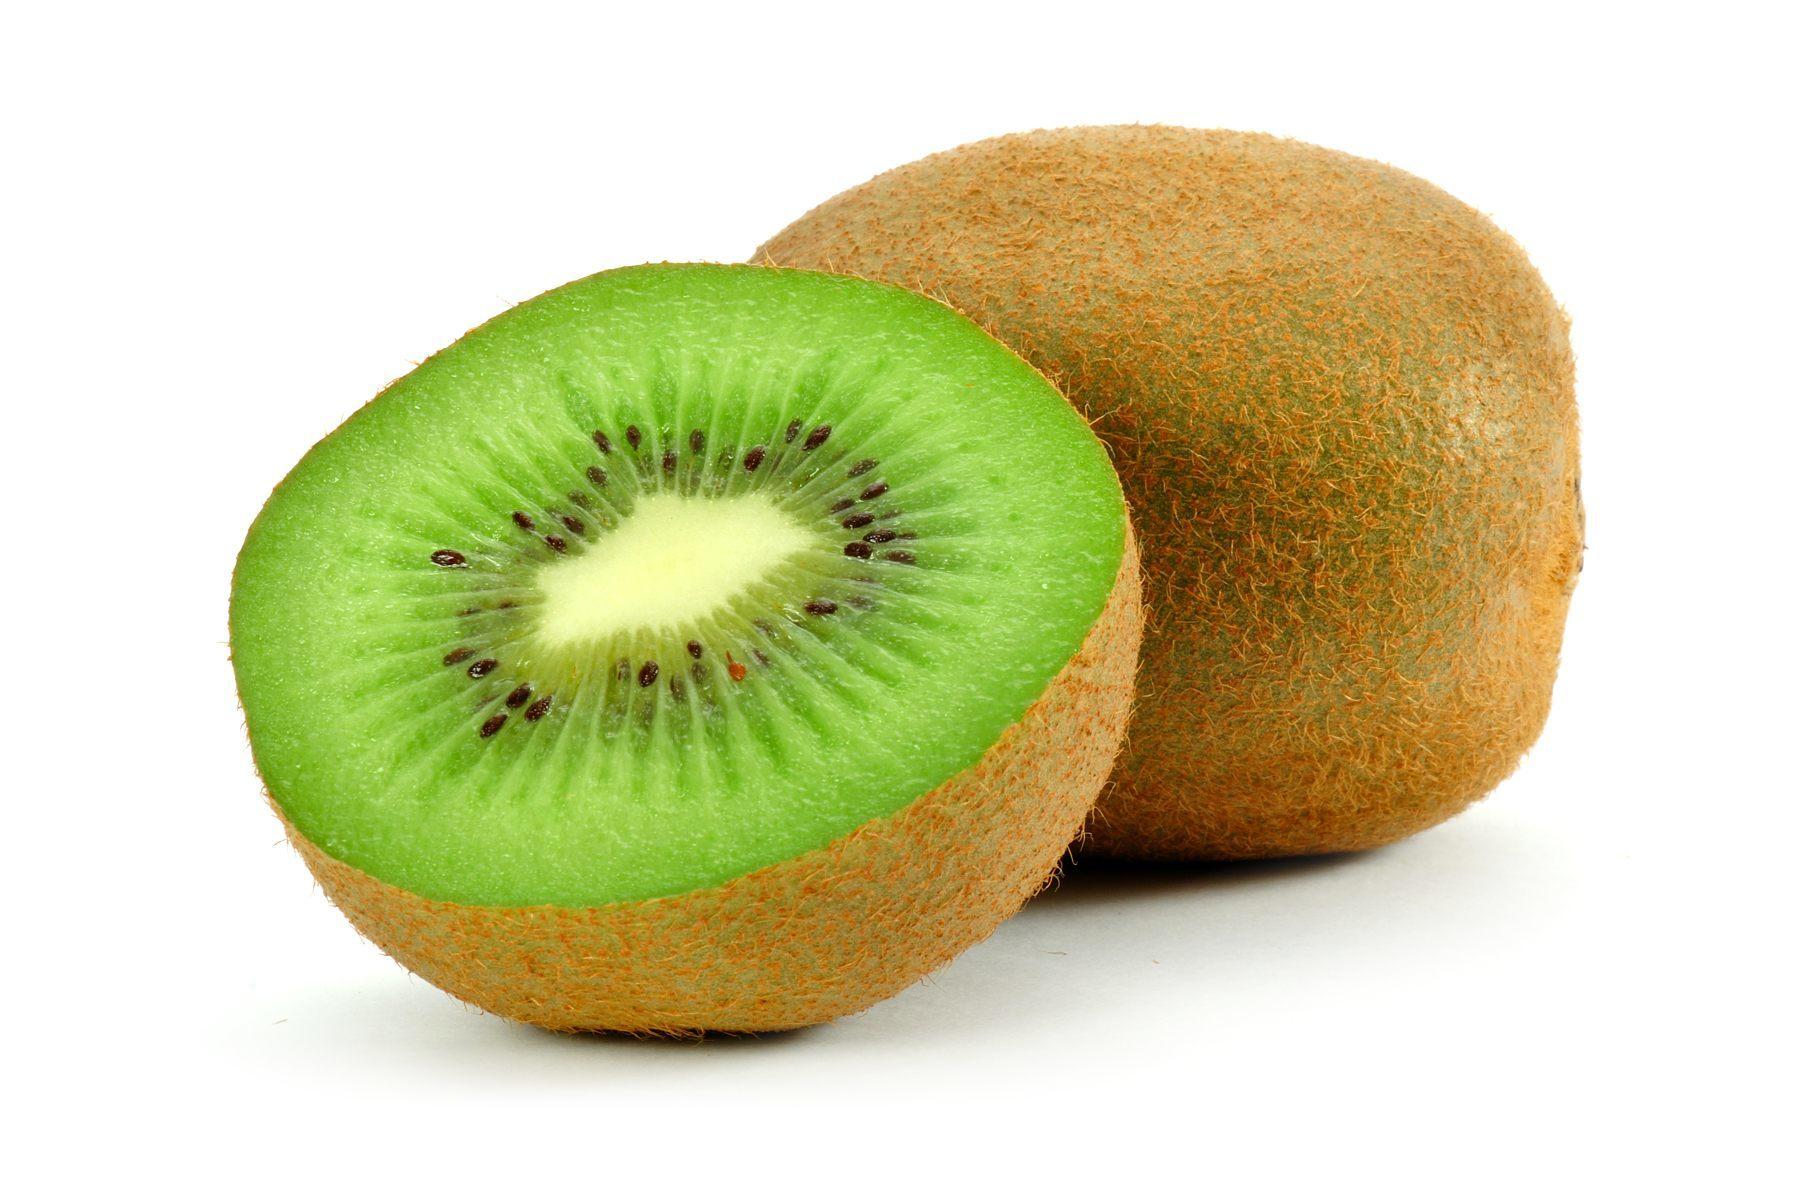 ăn Trái kiwi giúp dễ ngủ